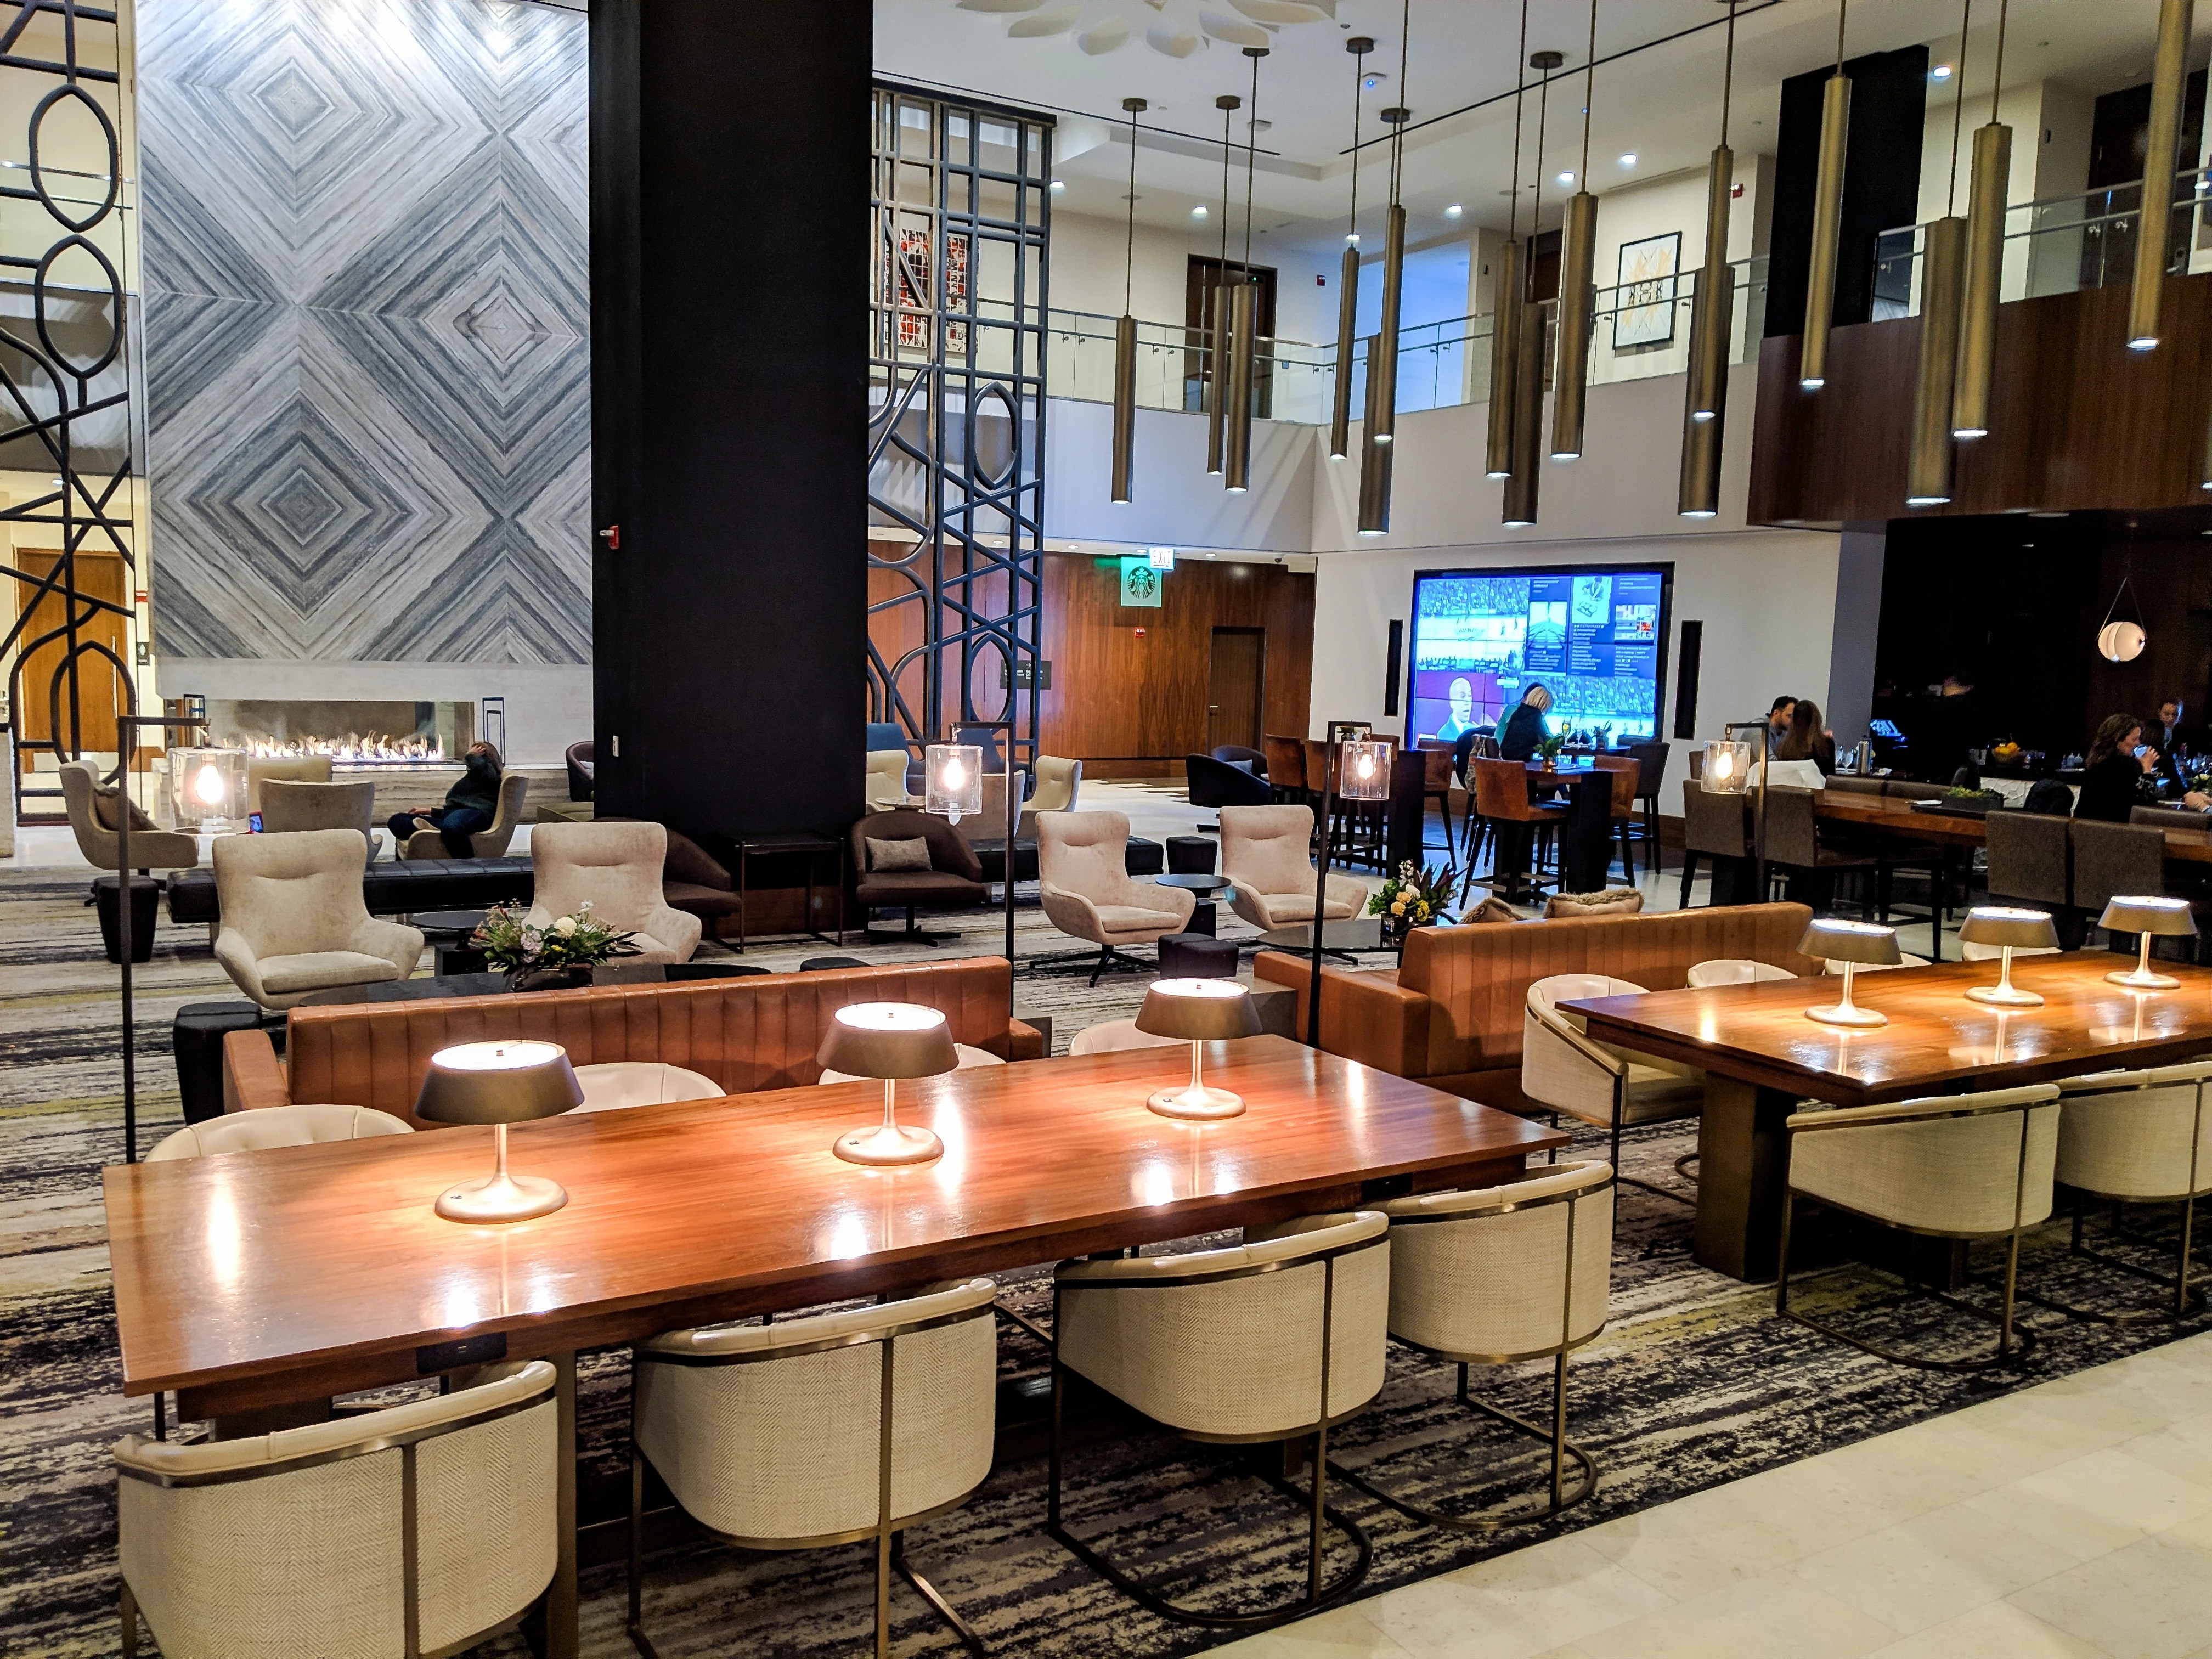 Loews chicago fhr kgenter lobby